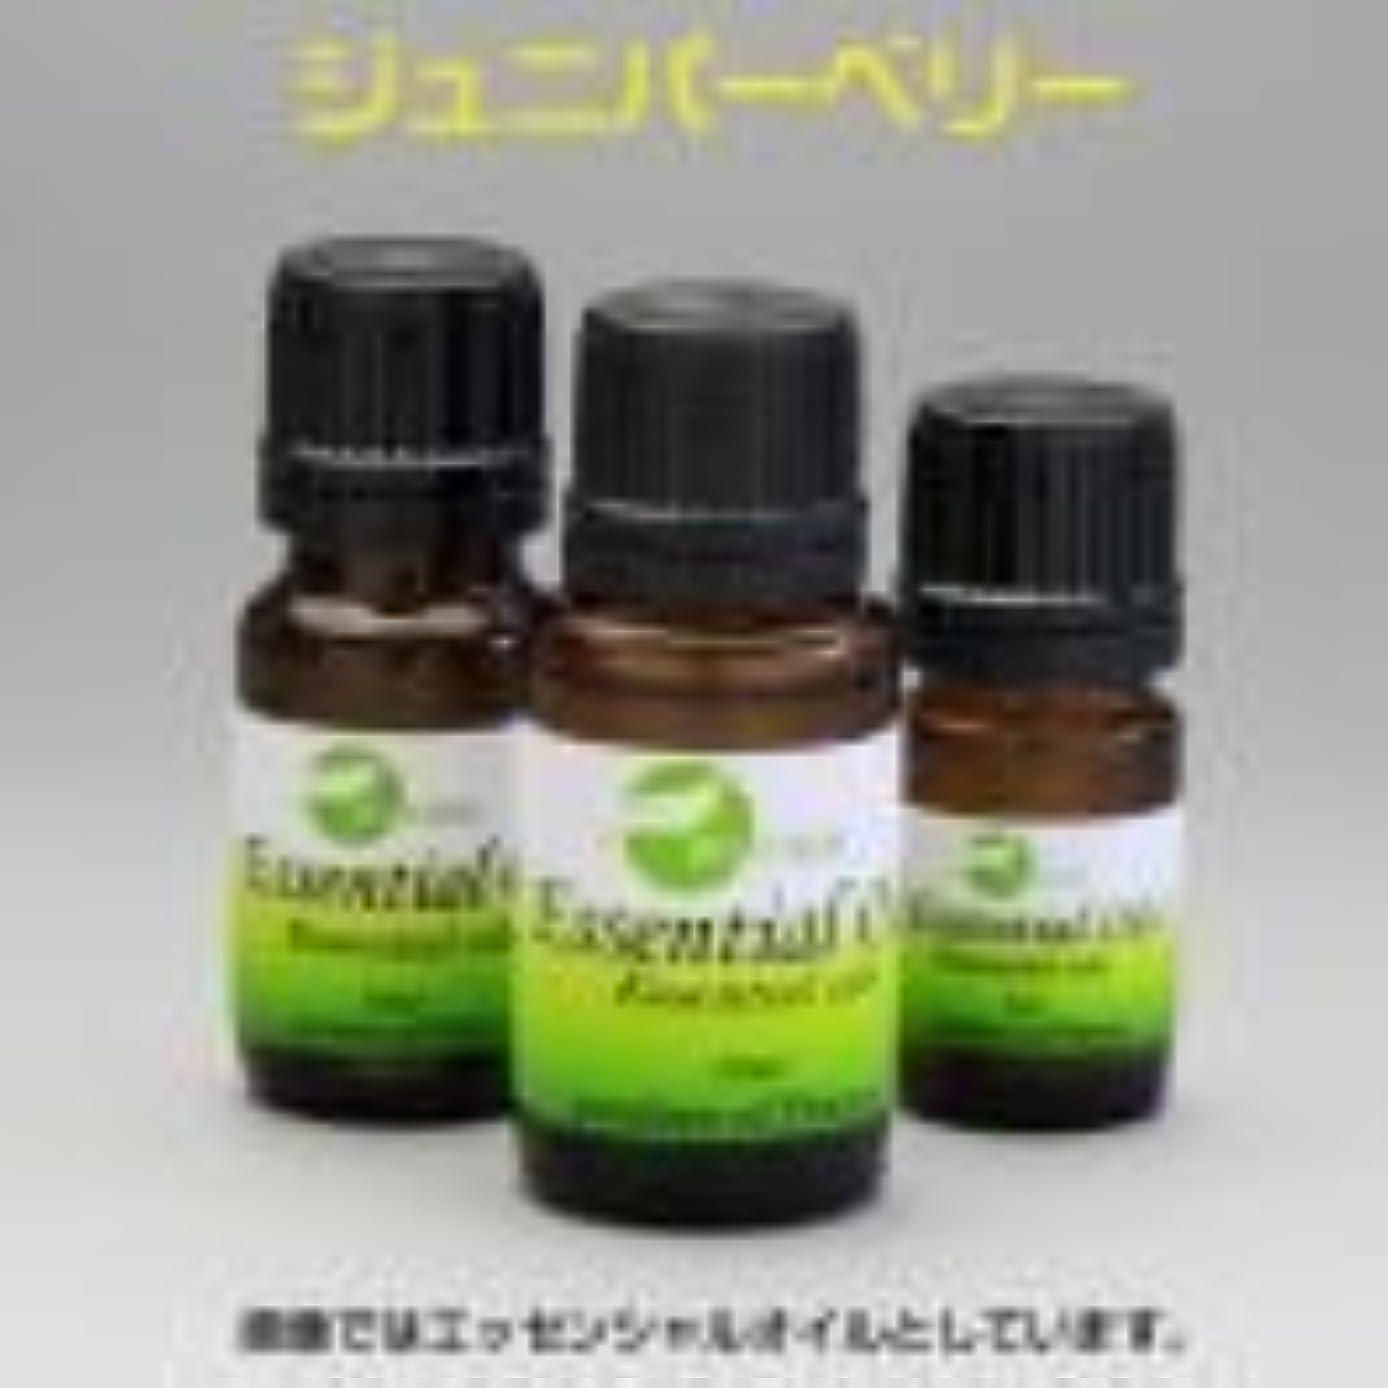 免疫人生を作るアセ[エッセンシャルオイル] 松の針葉に似たフレッシュな樹脂の香り ジュニパーベリー 15ml